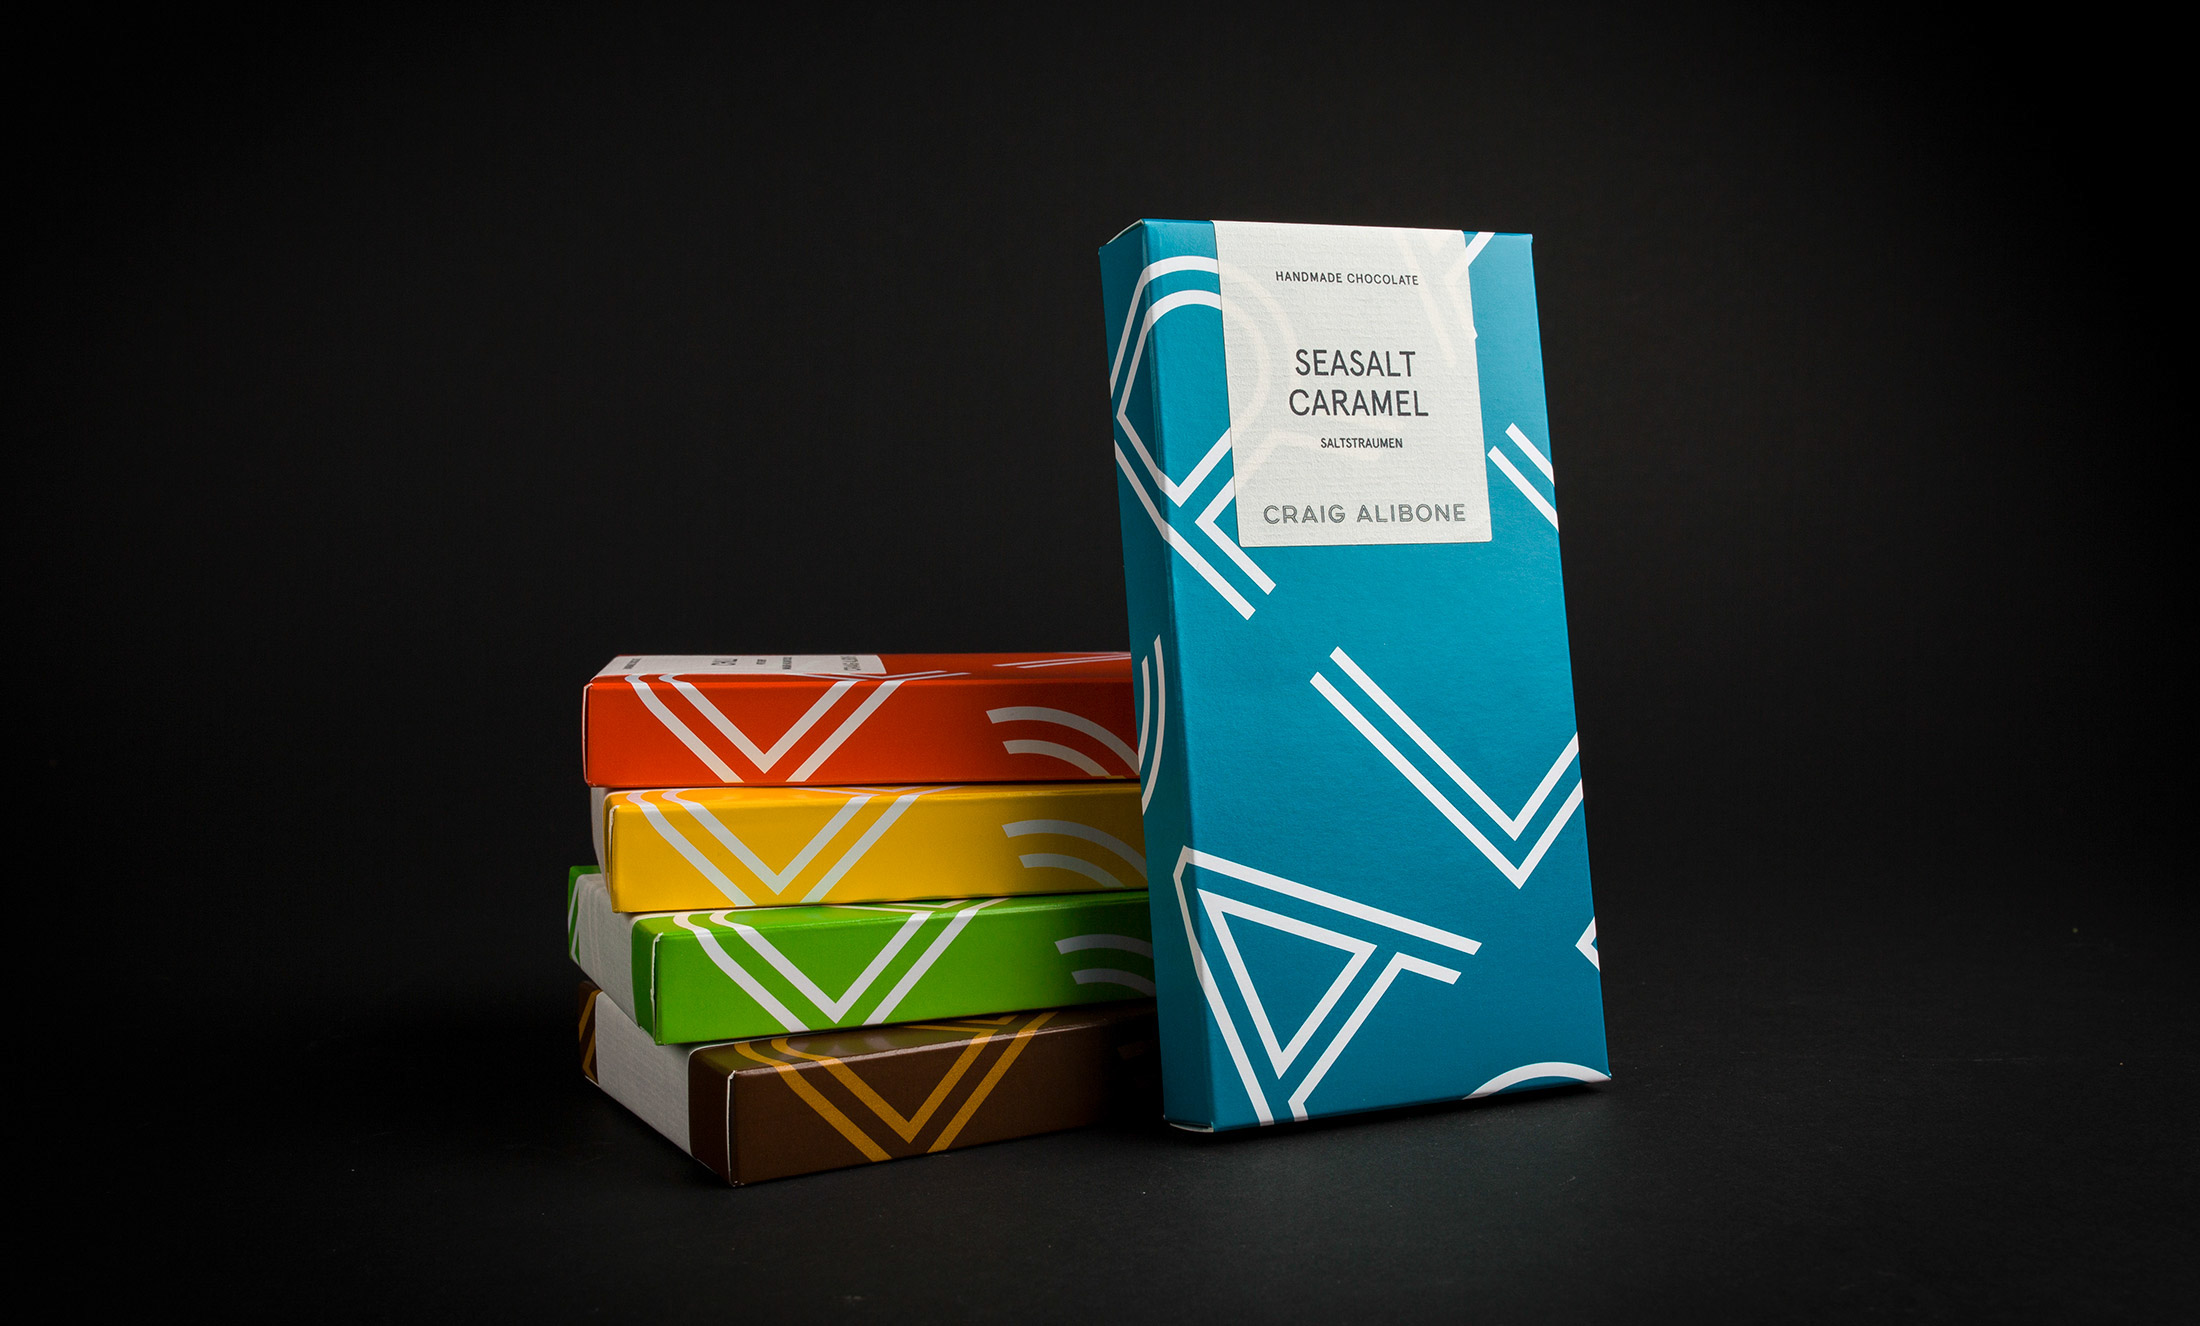 Craig Alibone Chocolate 品牌推广插图(6)